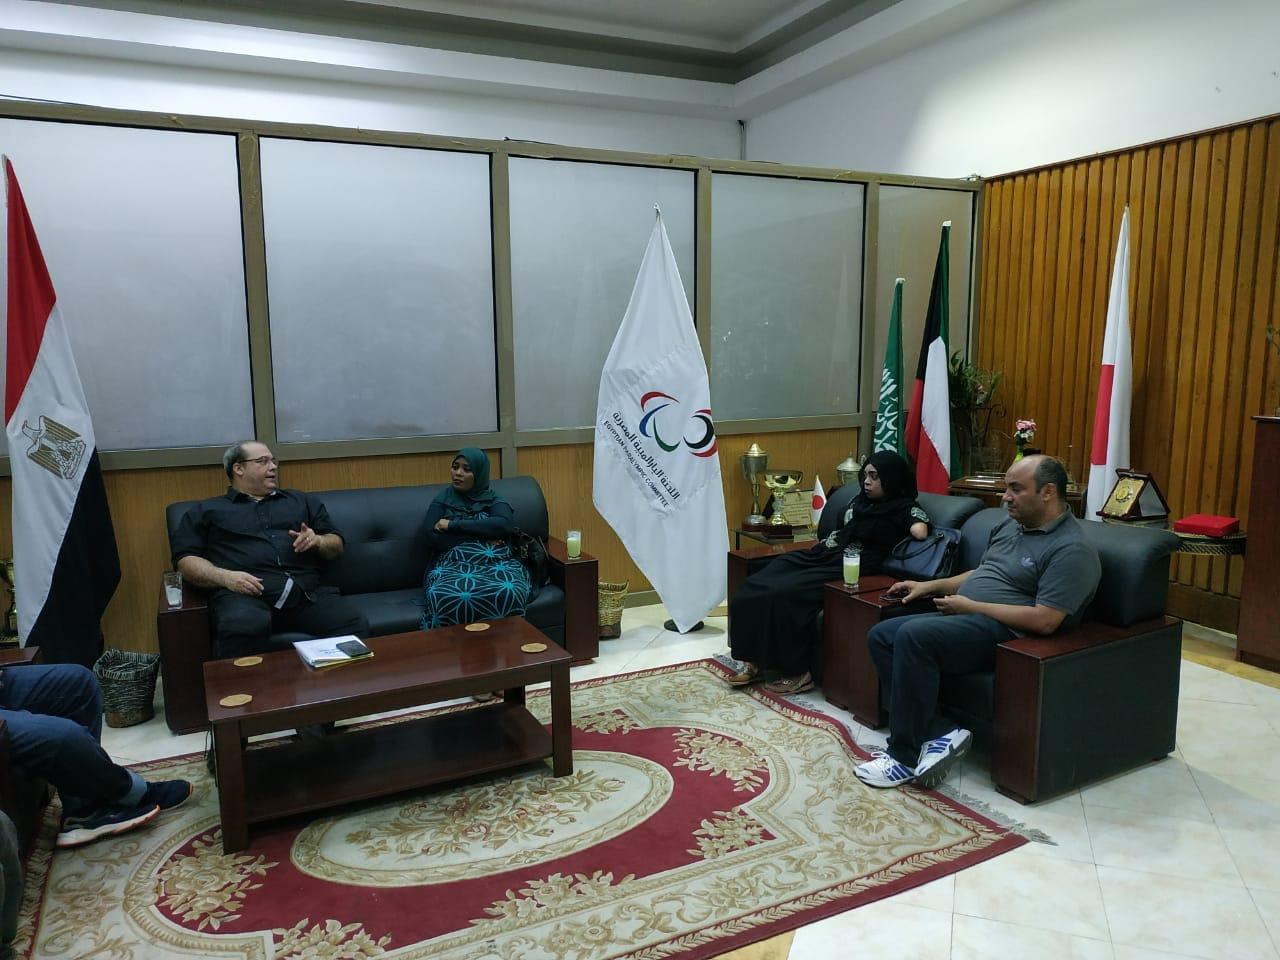 اجتماع اللجنتين المصرية والسودانية